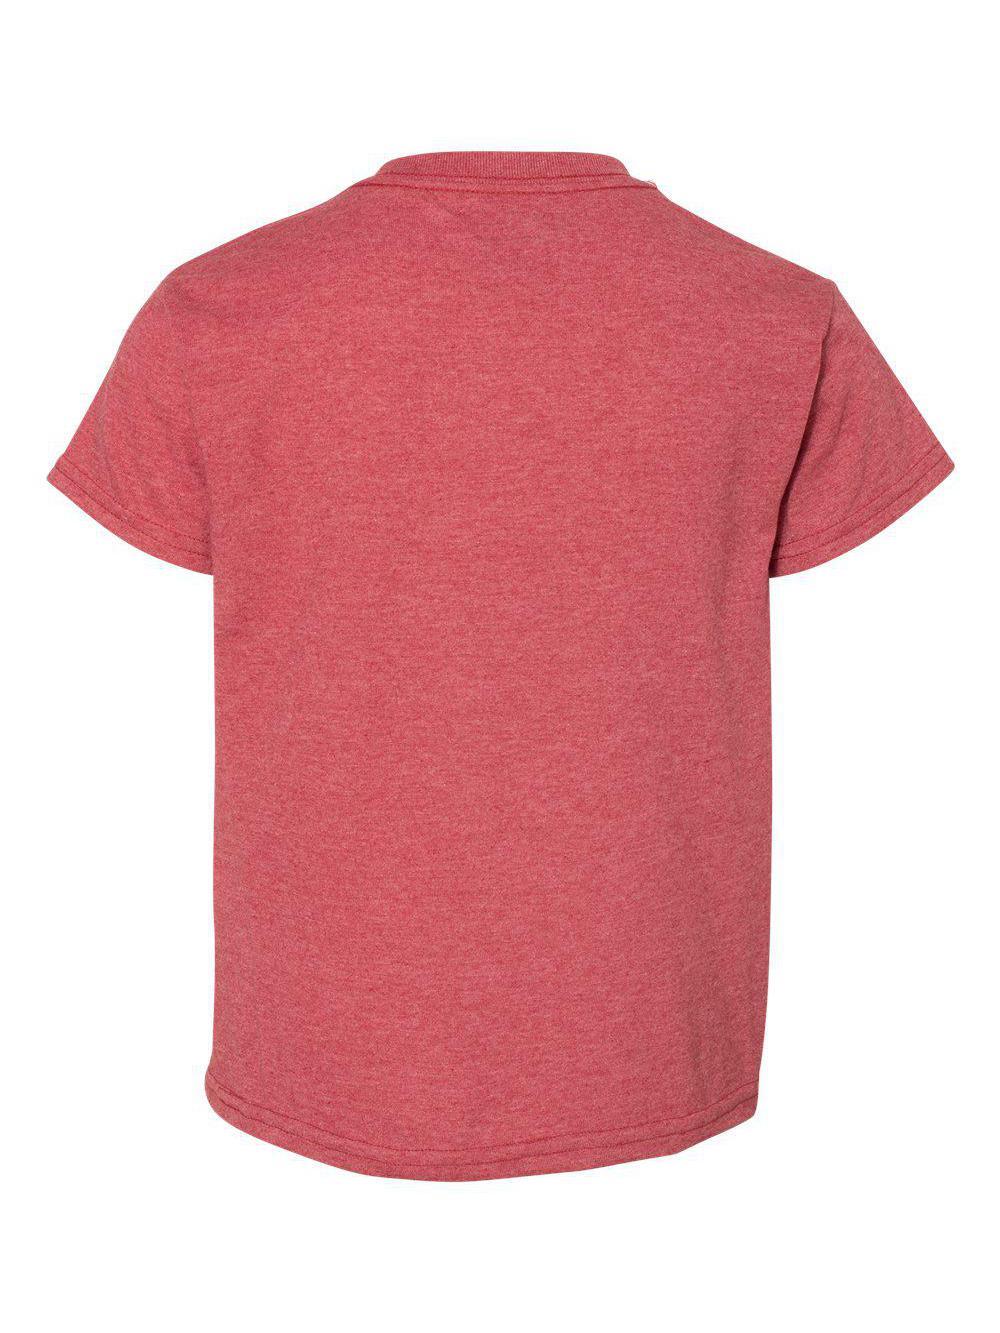 Gildan-DryBlend-Youth-50-50-T-Shirt-8000B thumbnail 43